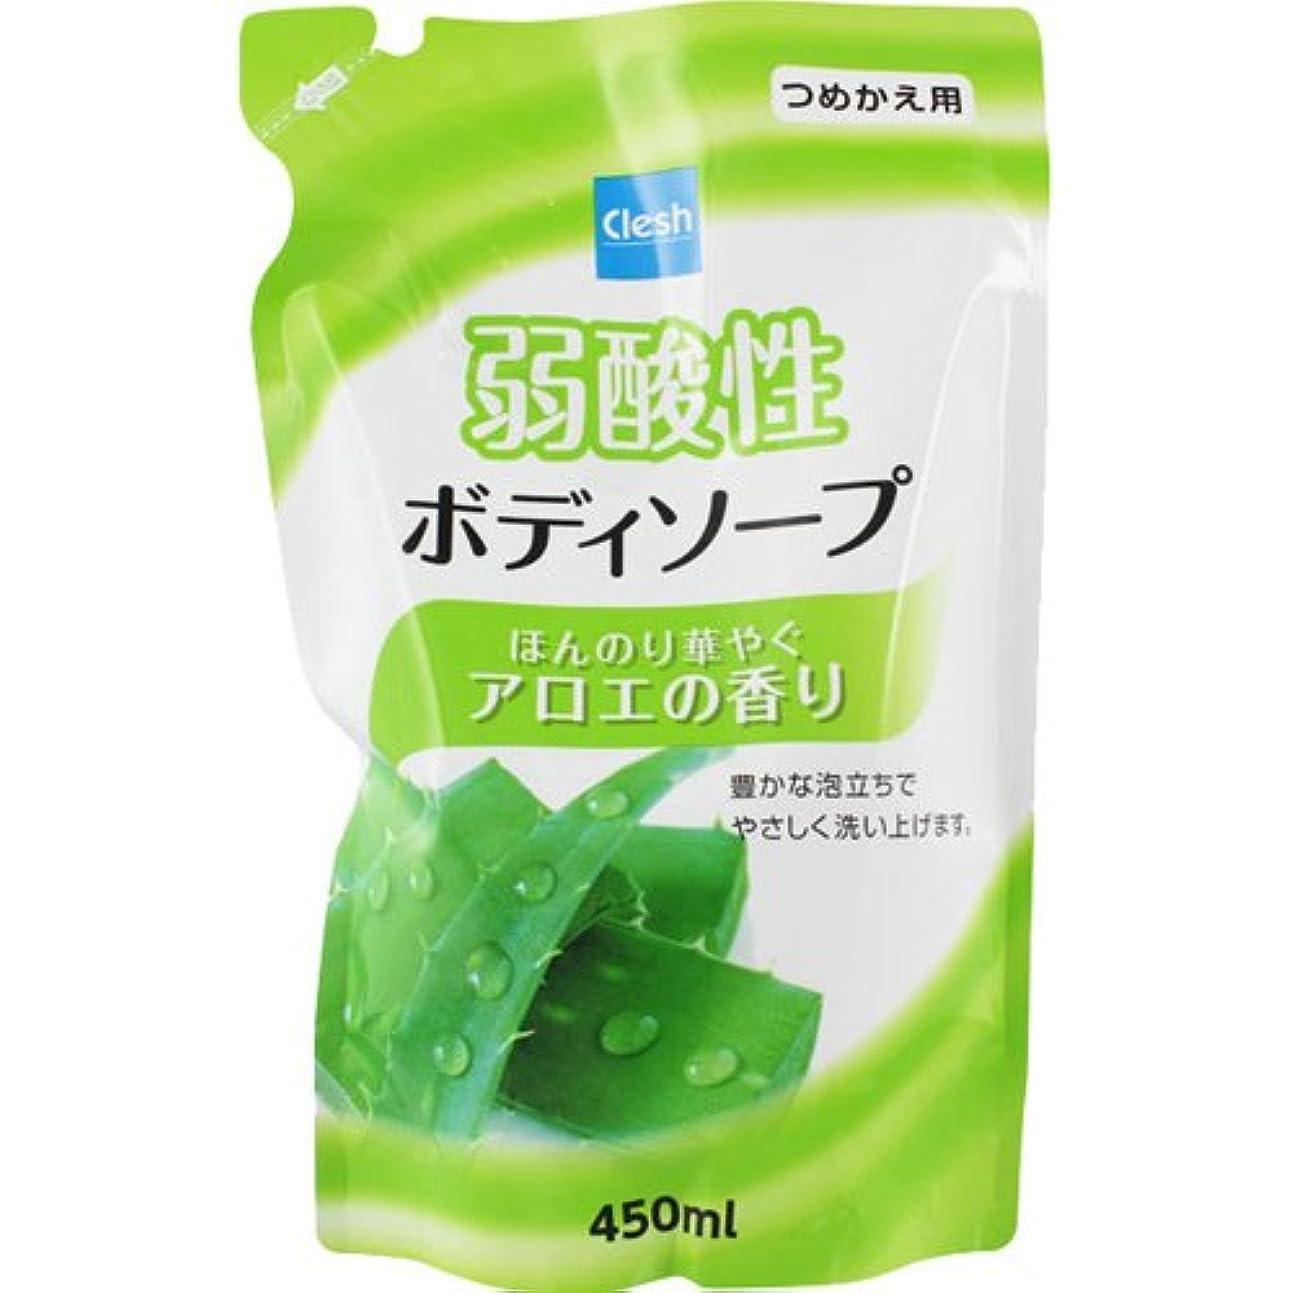 興奮するなぜなら強いClesh(クレシュ) 弱酸性ボディソープ アロエの香り つめかえ用 450ml